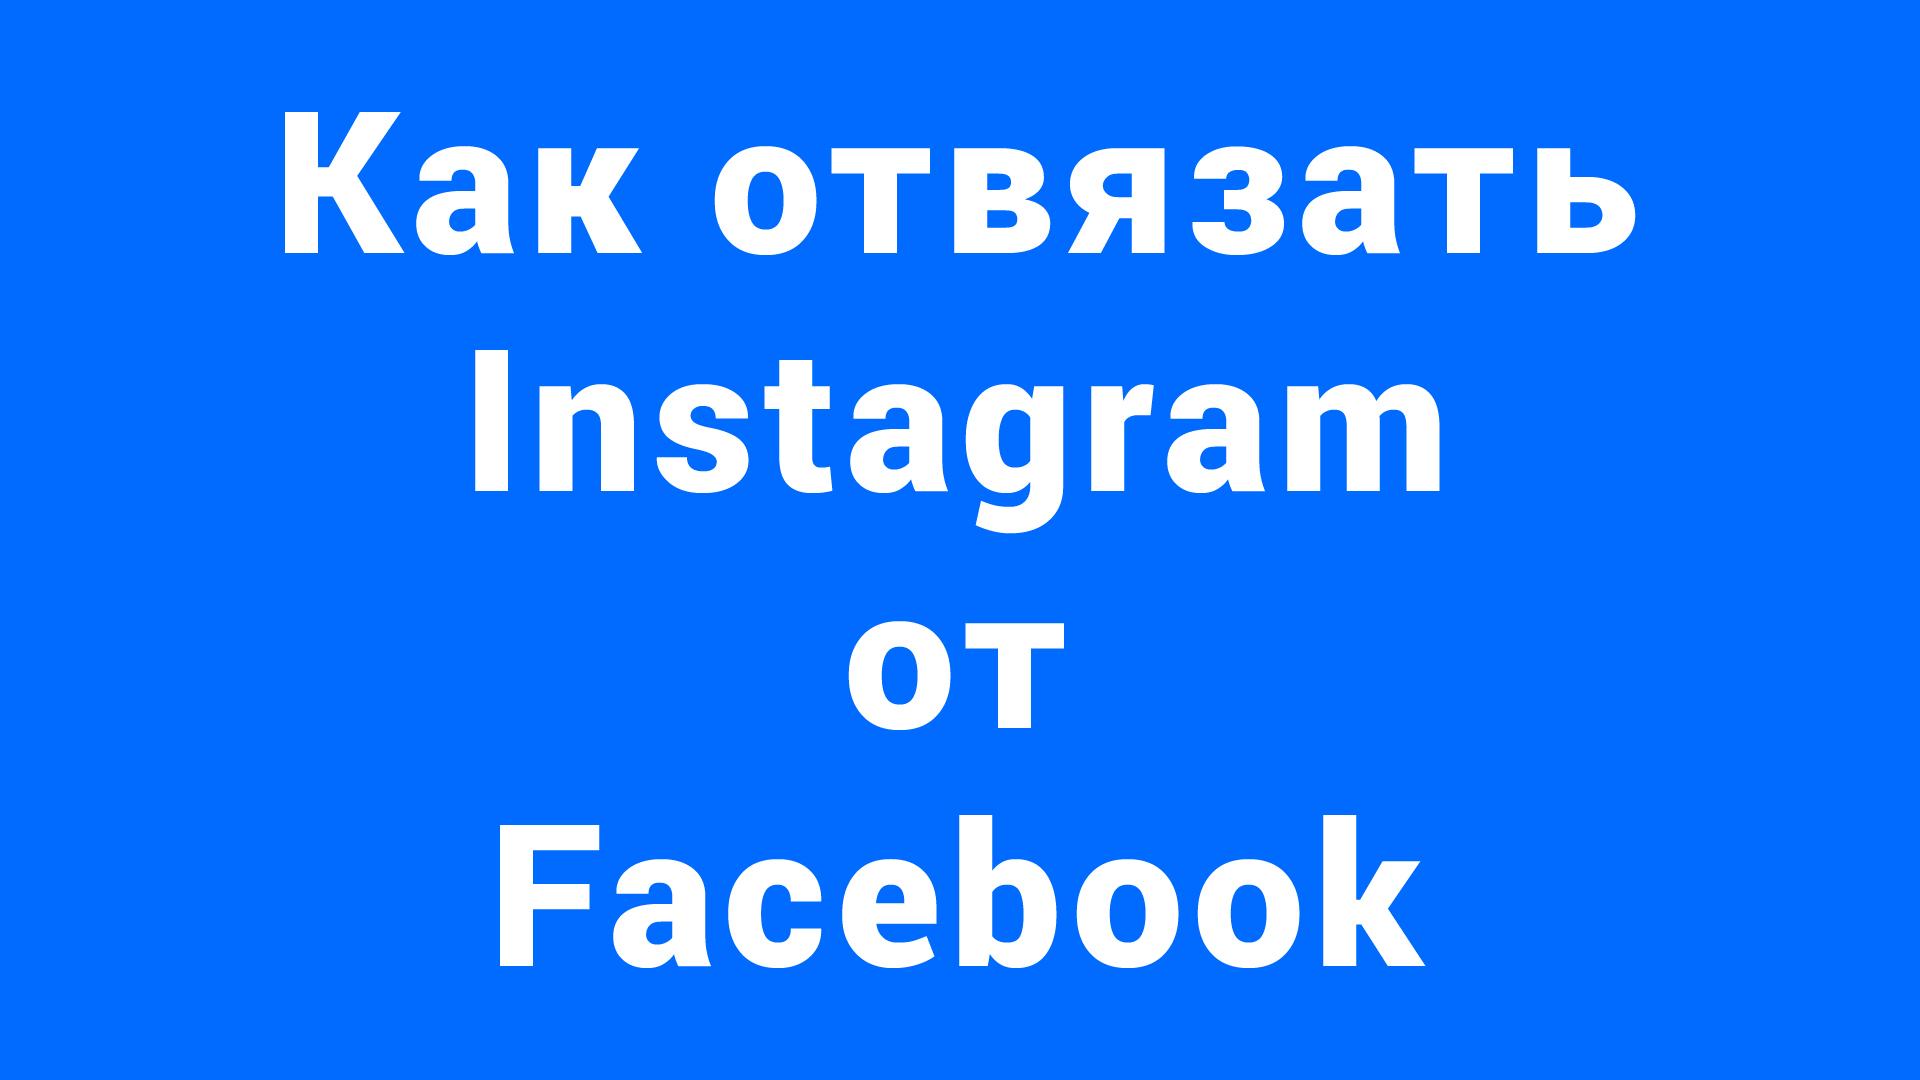 Как отсоединить Инстаграм от Фейсбук